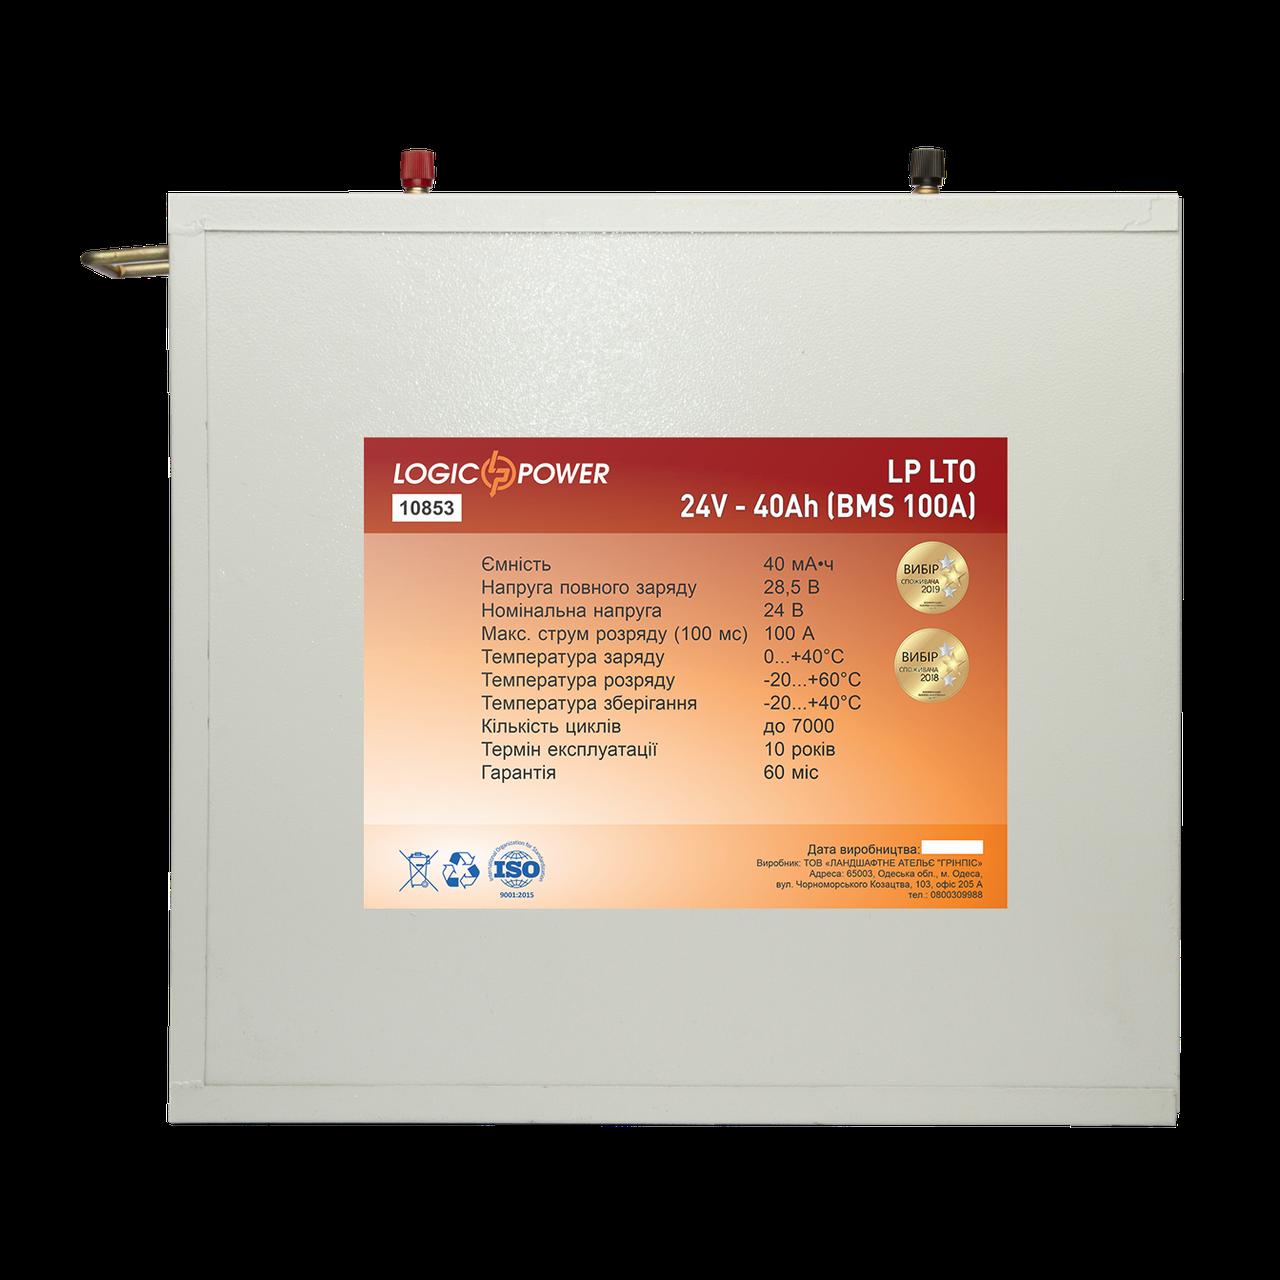 Аккумуляторная батарея LP LTO 24V - 40Ah (BMS 100A) металл, для солнечной энергетики